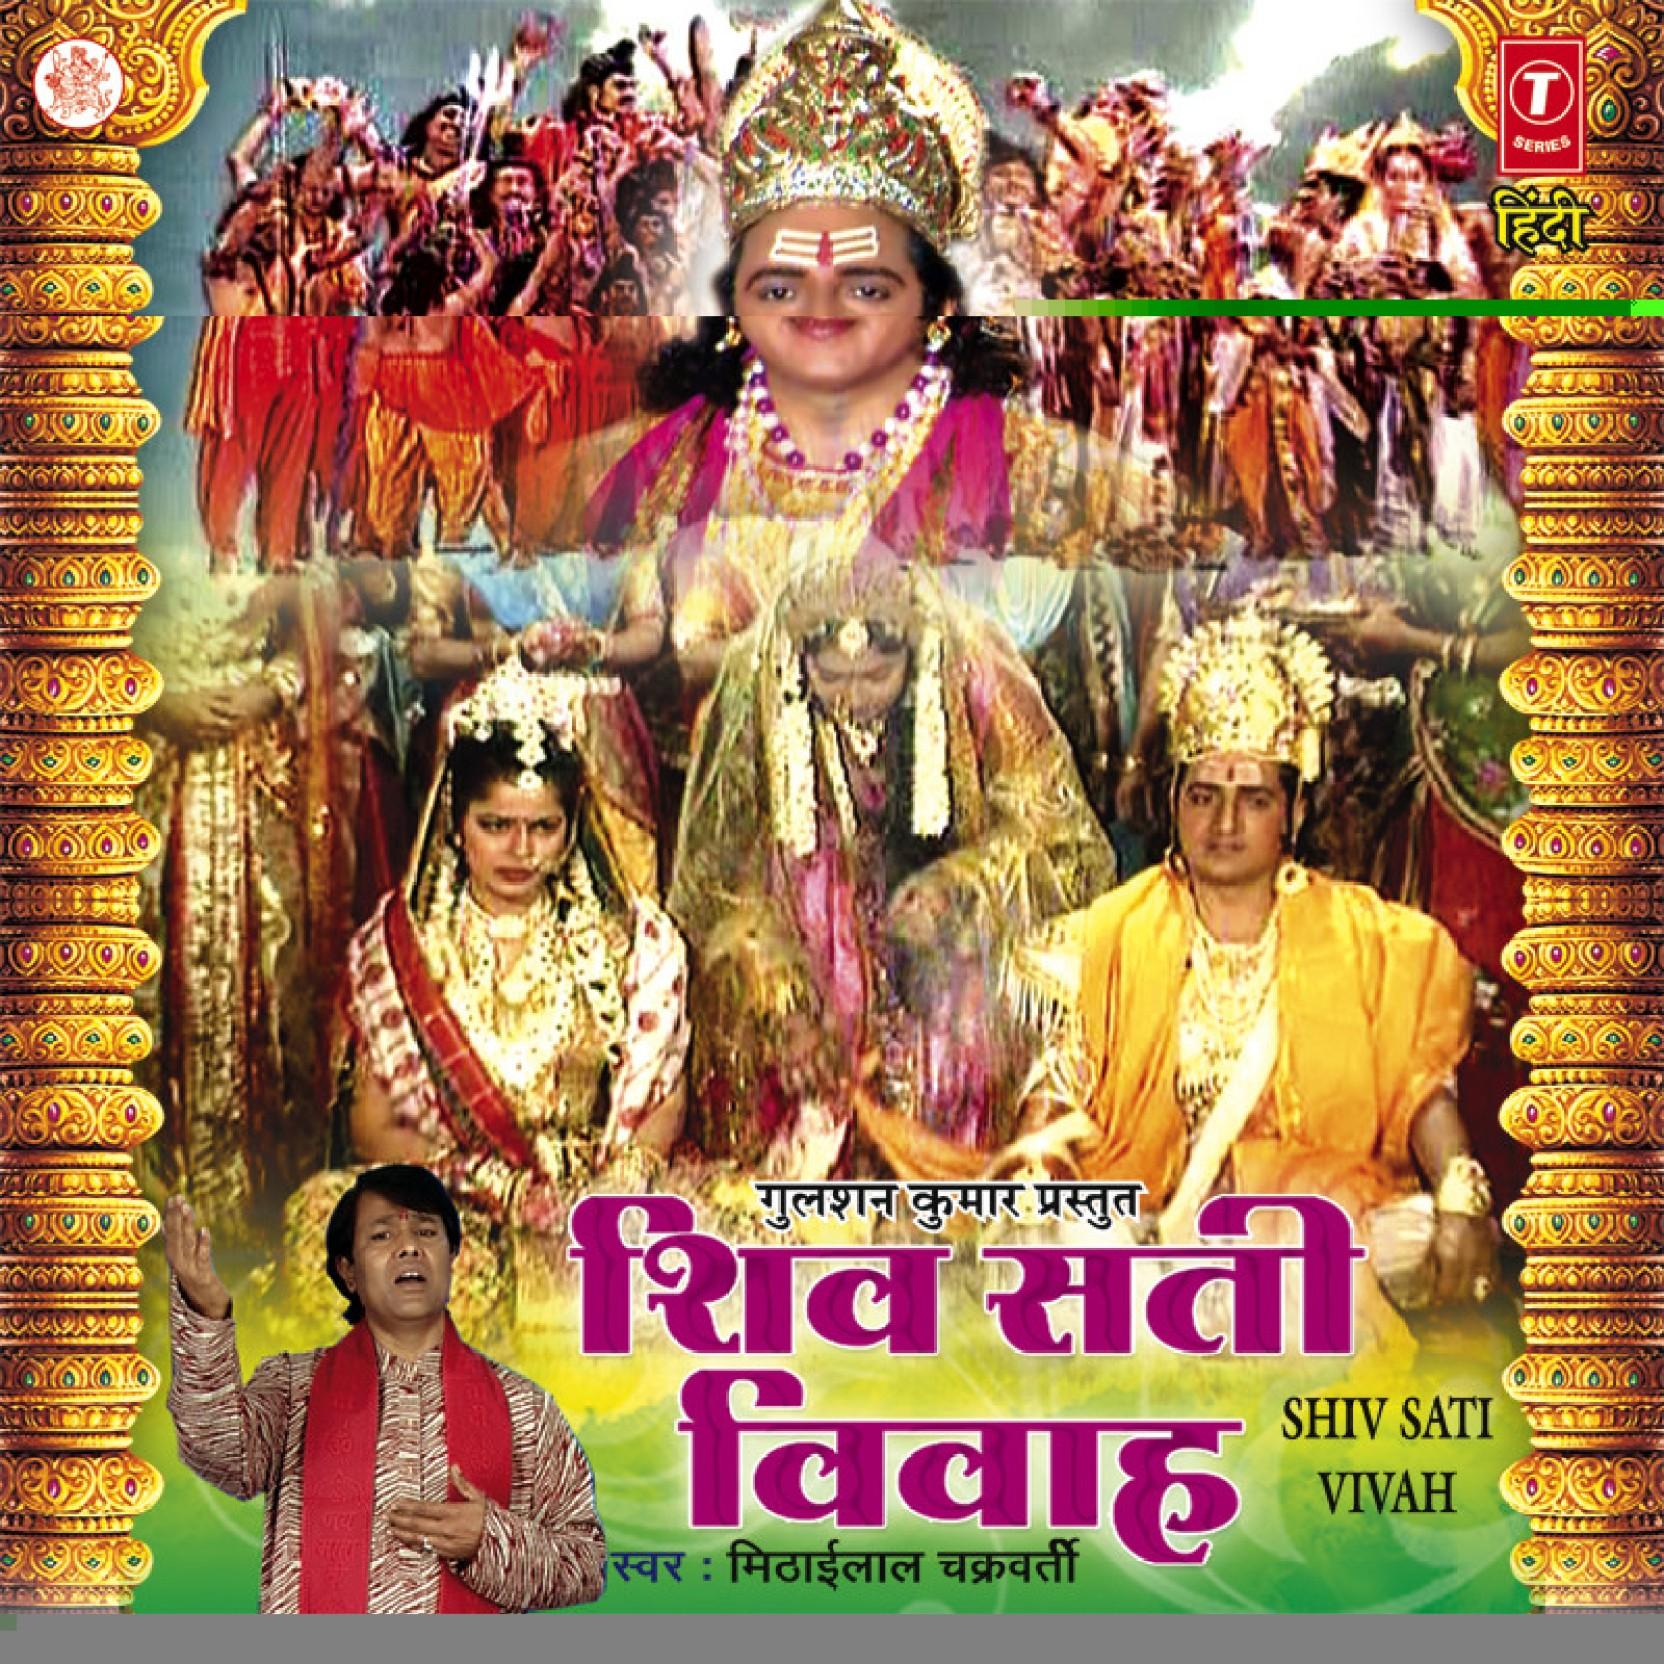 Shiv Sati Vivah Music VCD - Price In India  Buy Shiv Sati